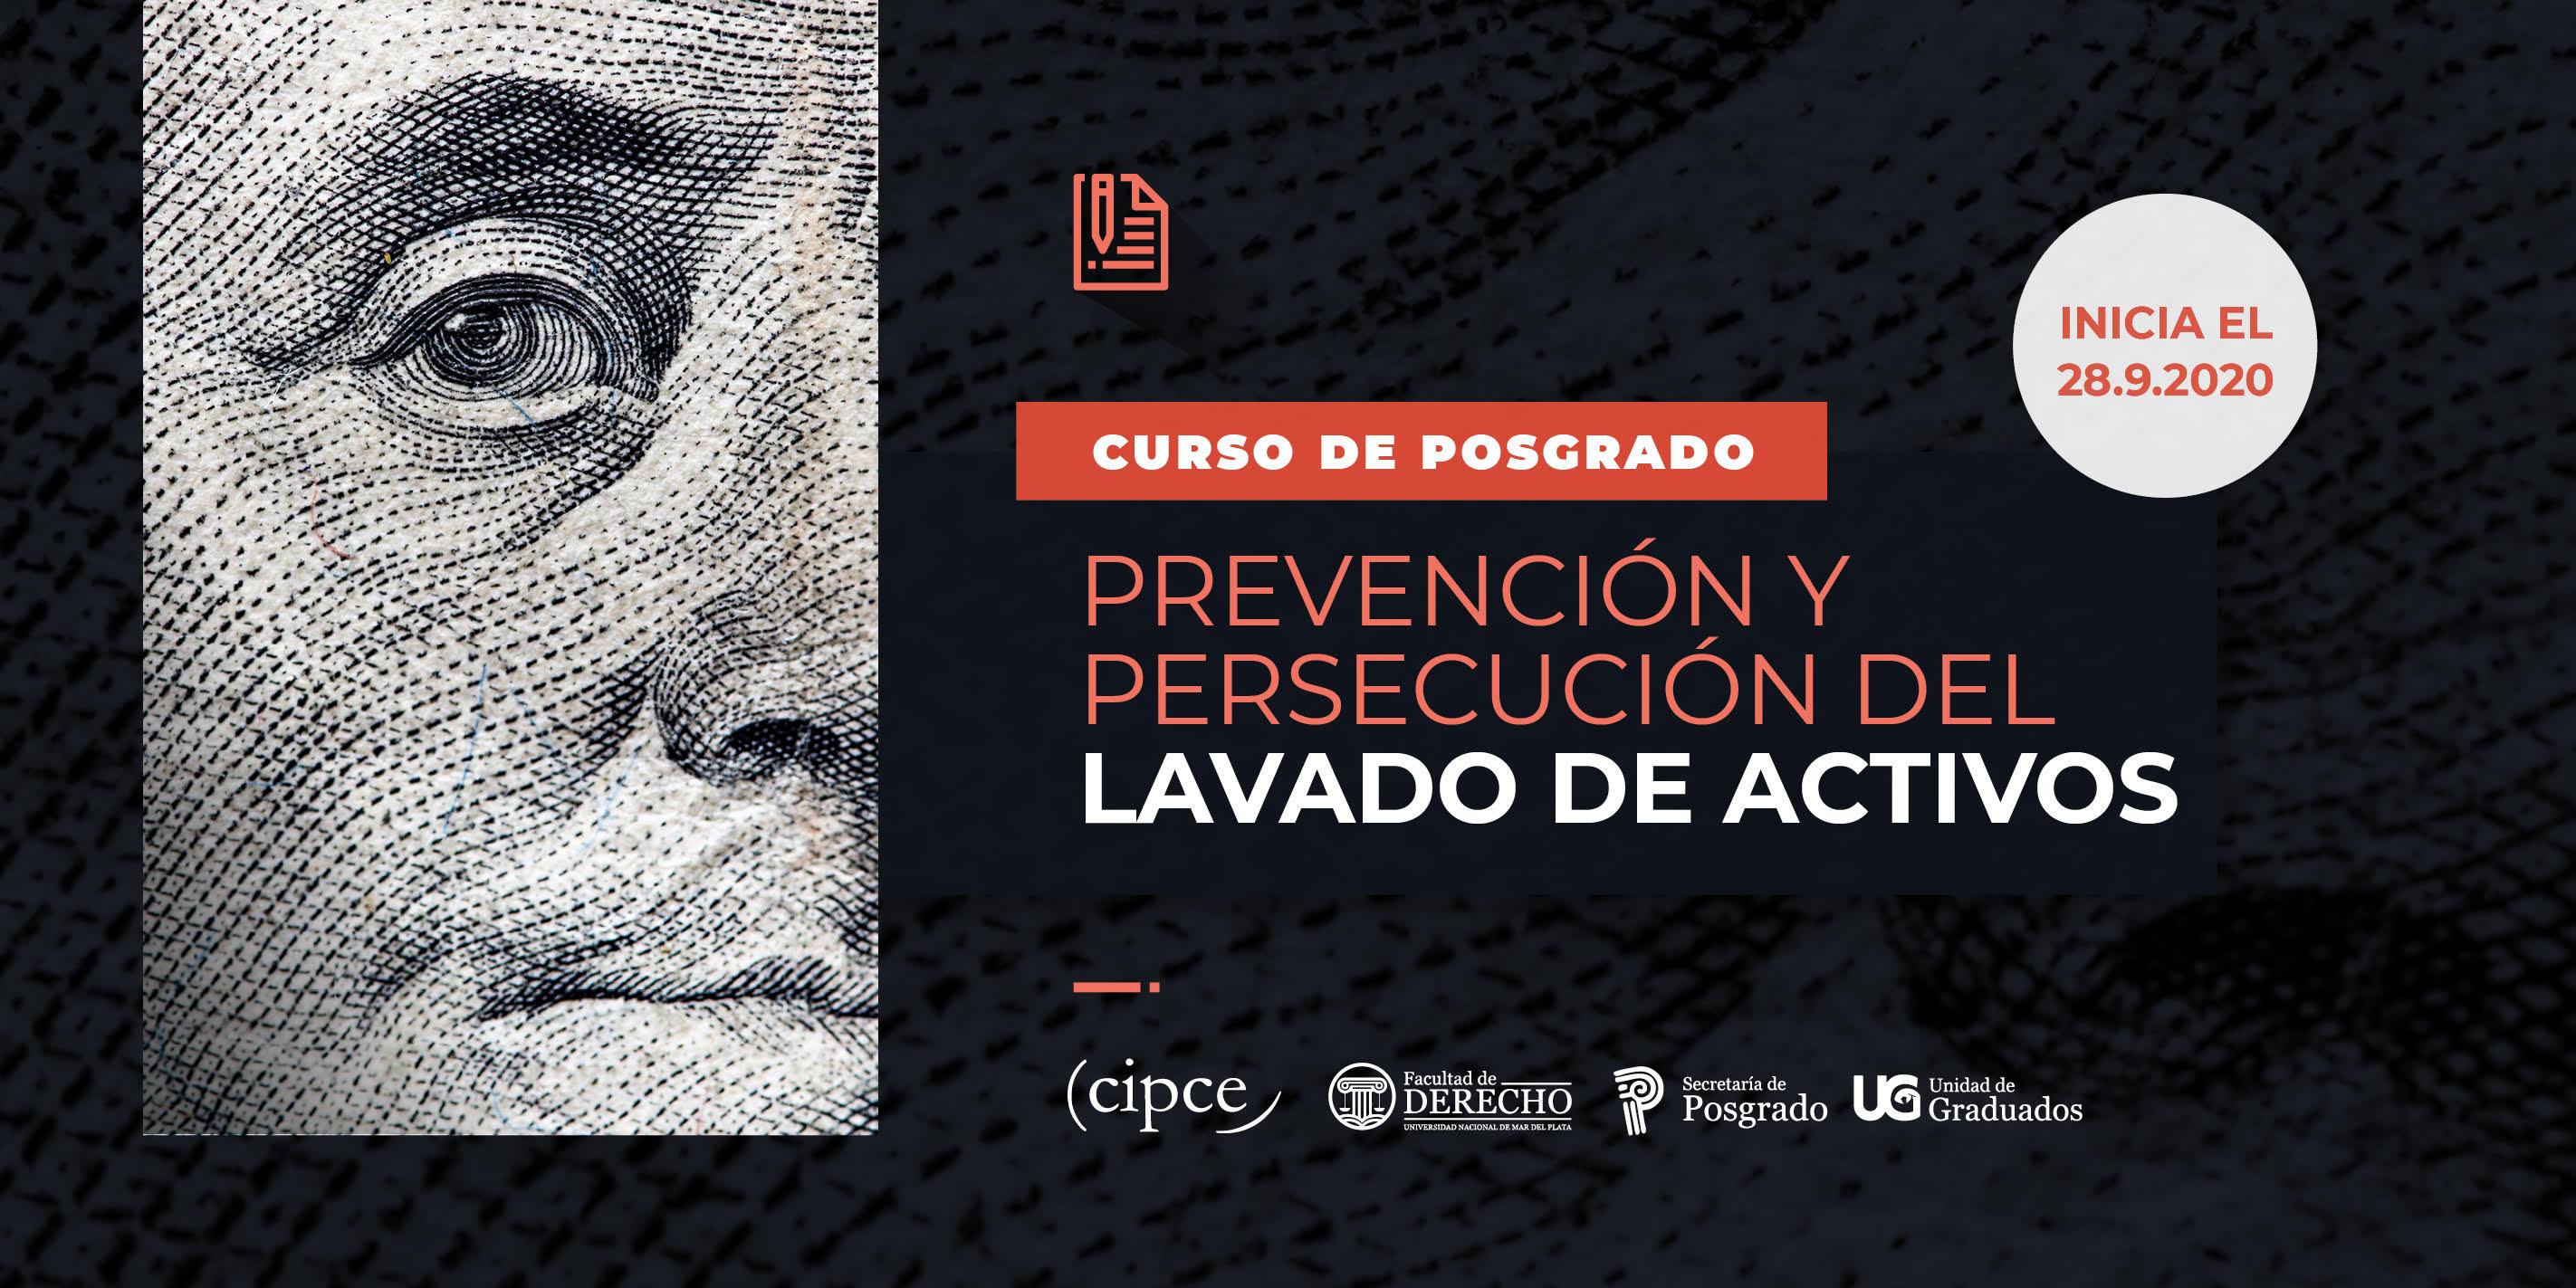 Prevención y persecución del lavado de activos